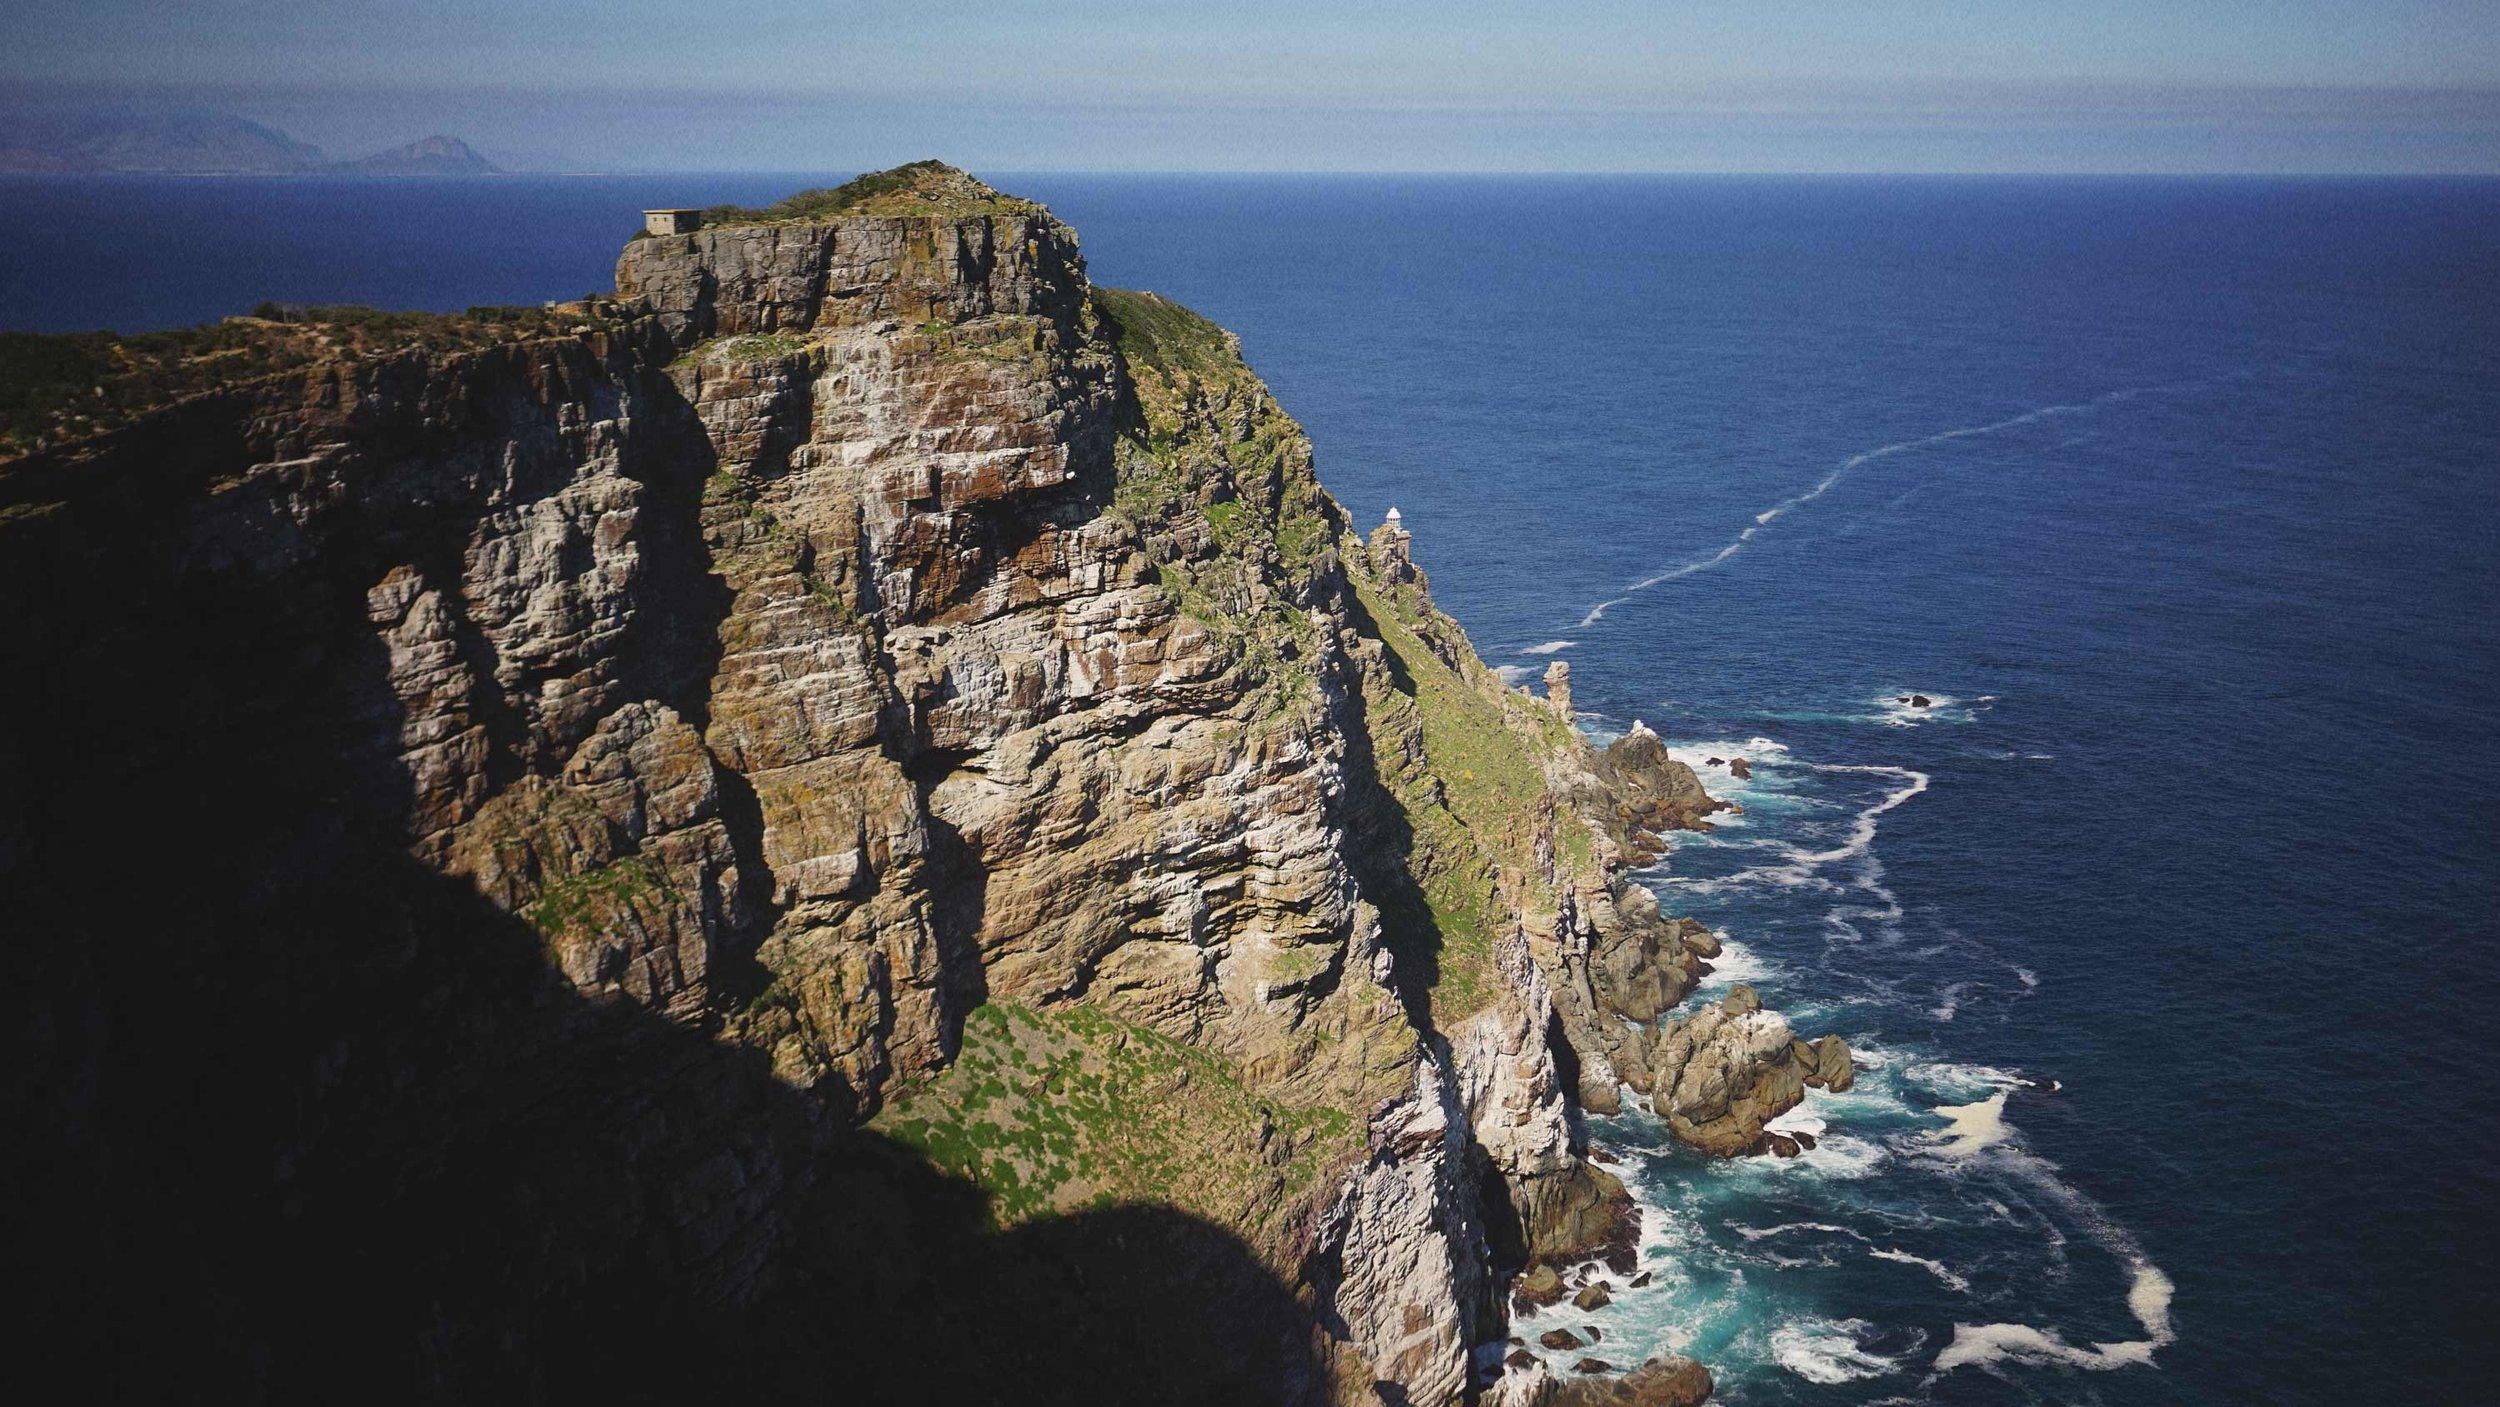 43_Giepert_South_Africa.jpg